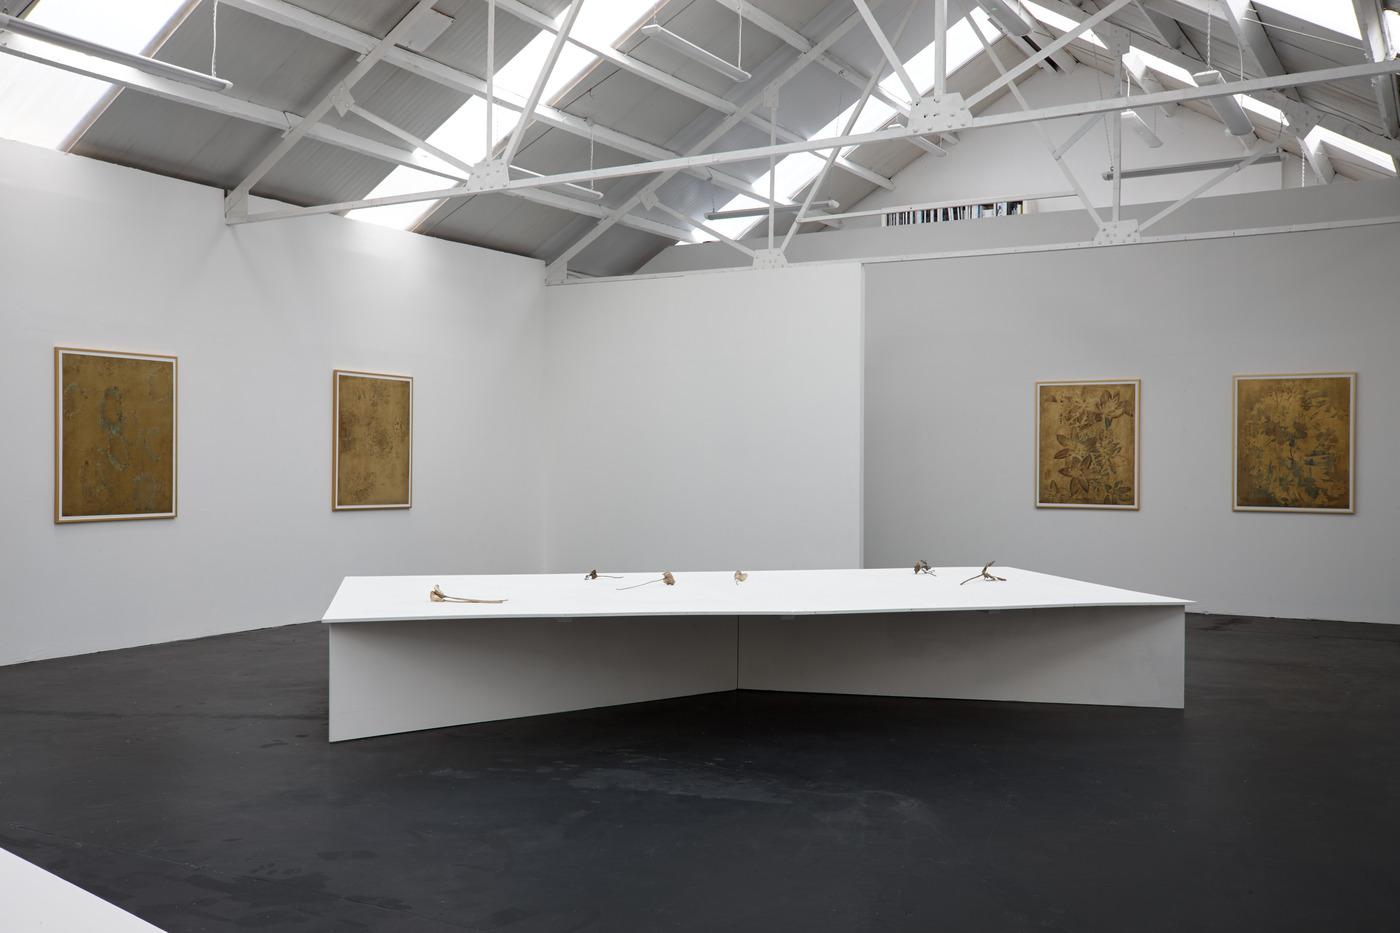 Ross Iannatti - Oro Valley - Installation View VII